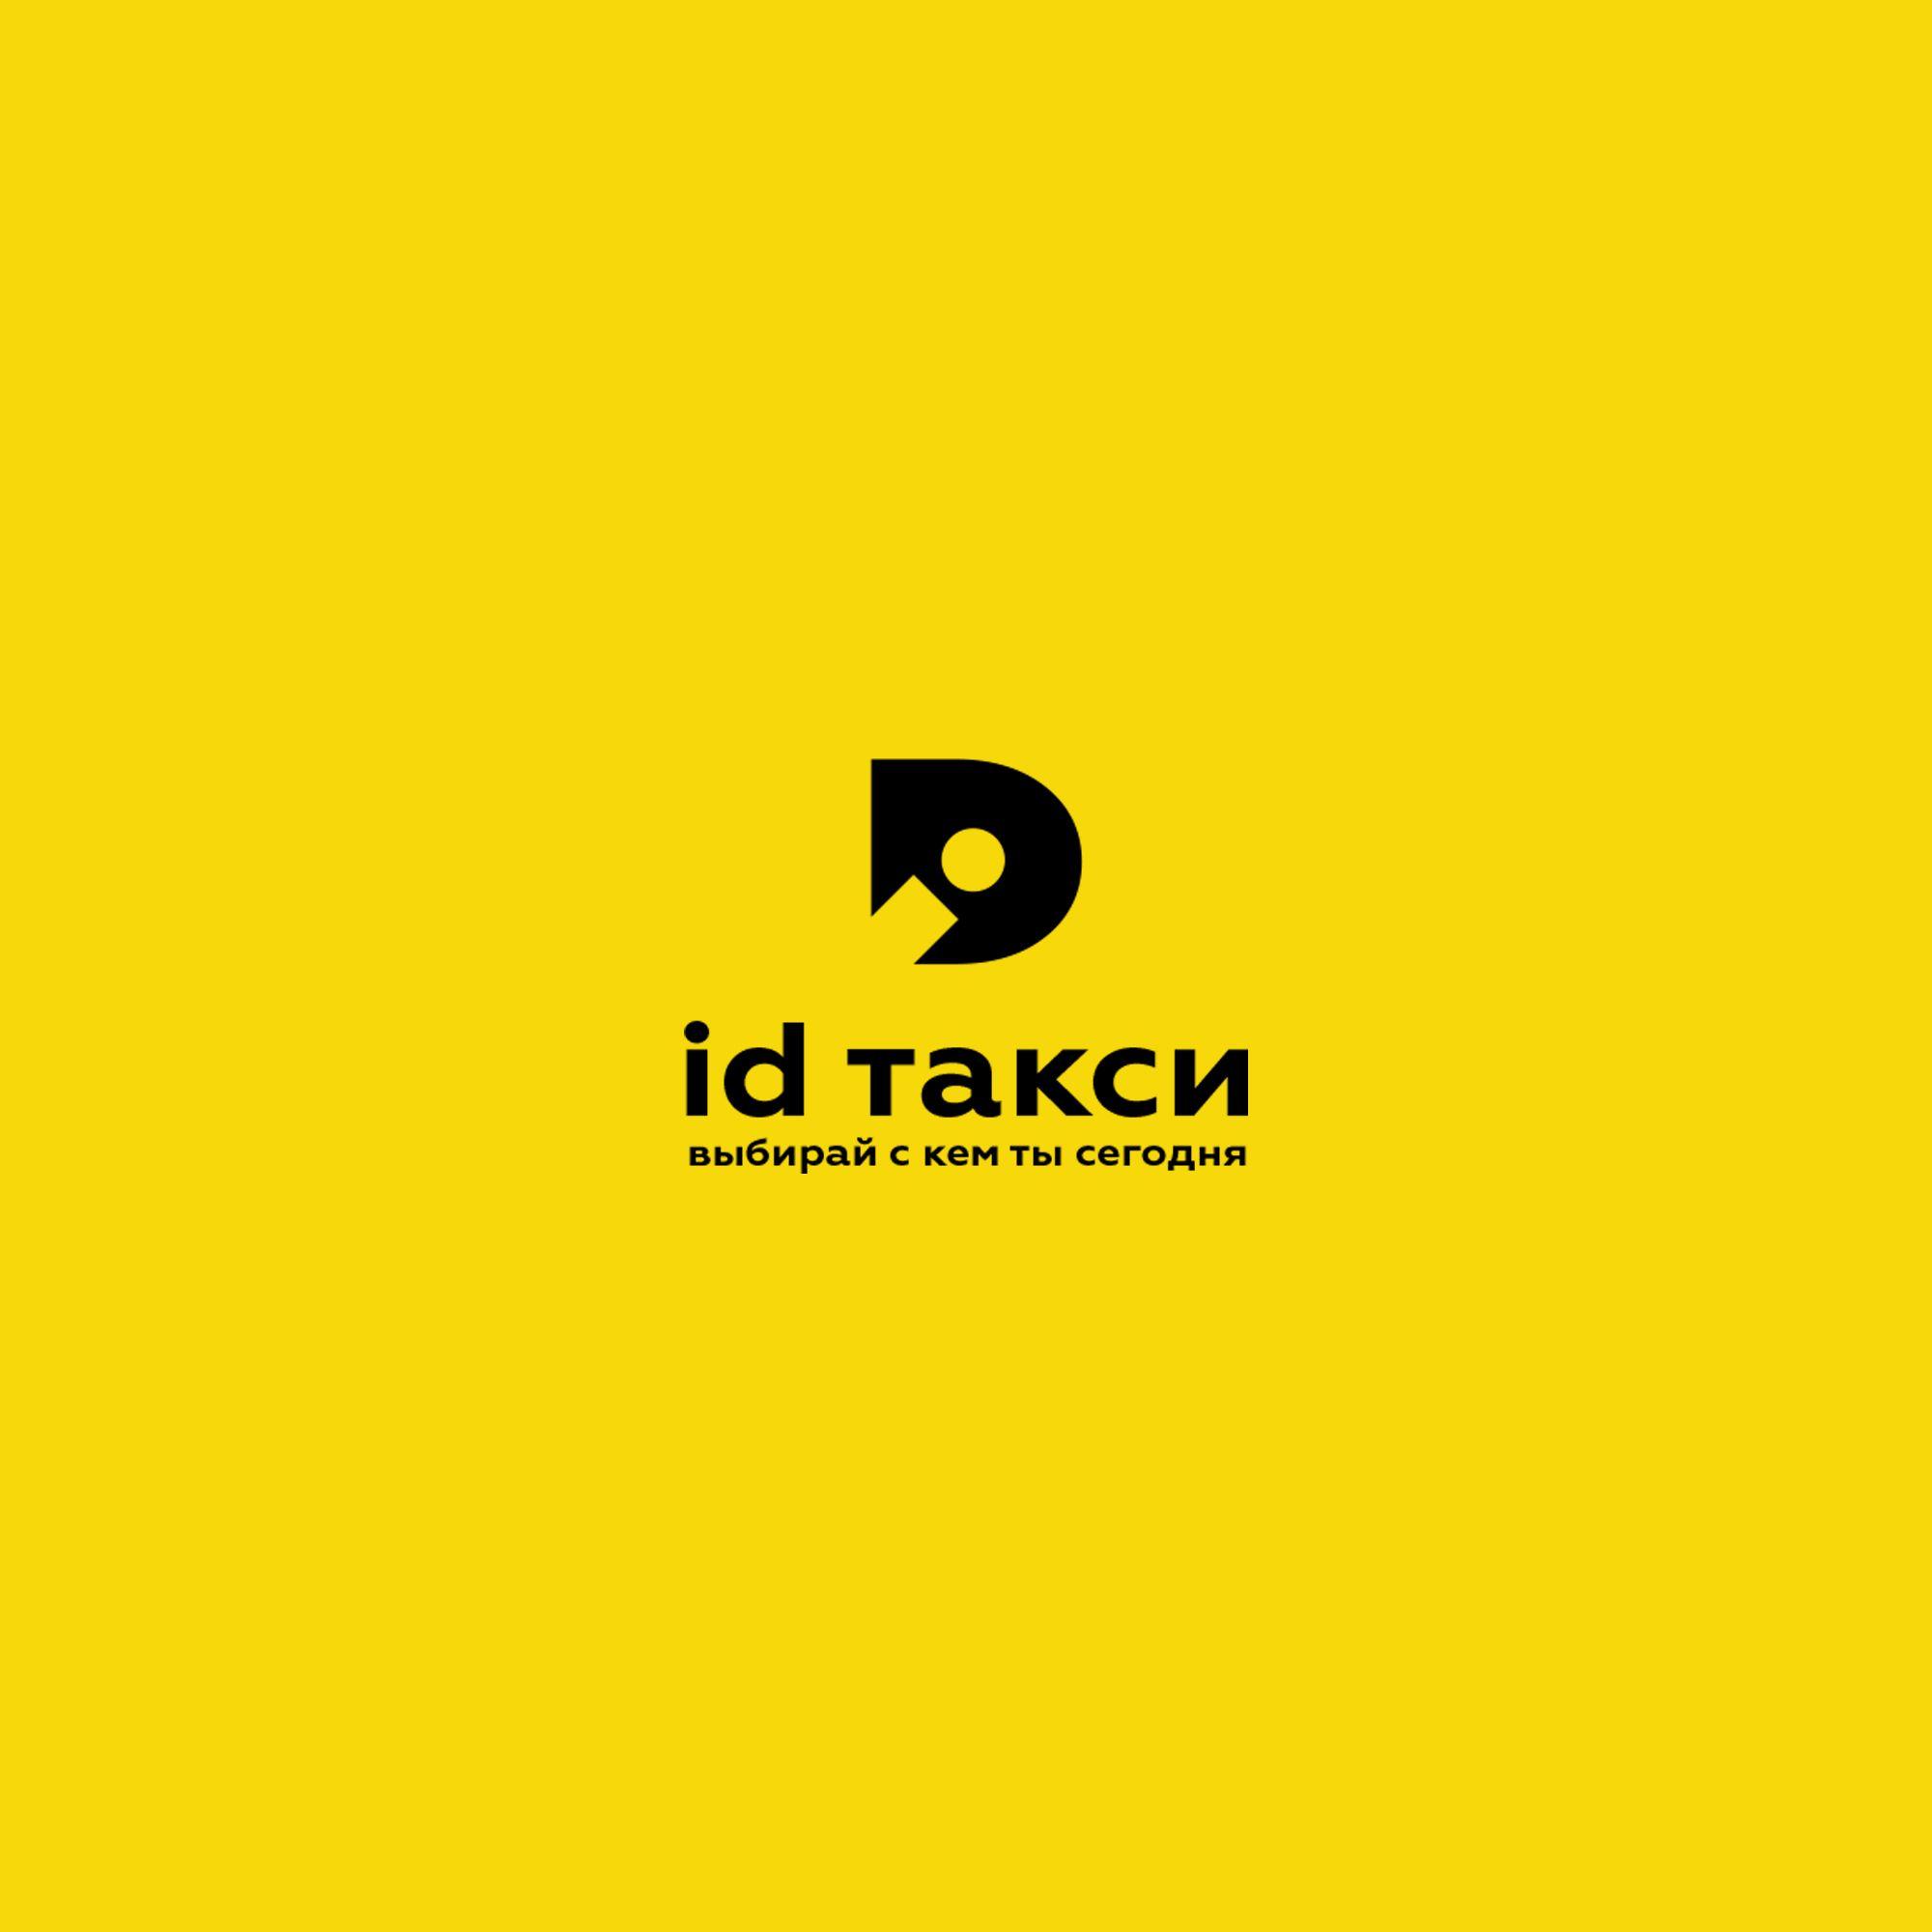 Лого и фирменный стиль для iD Такси - дизайнер weste32